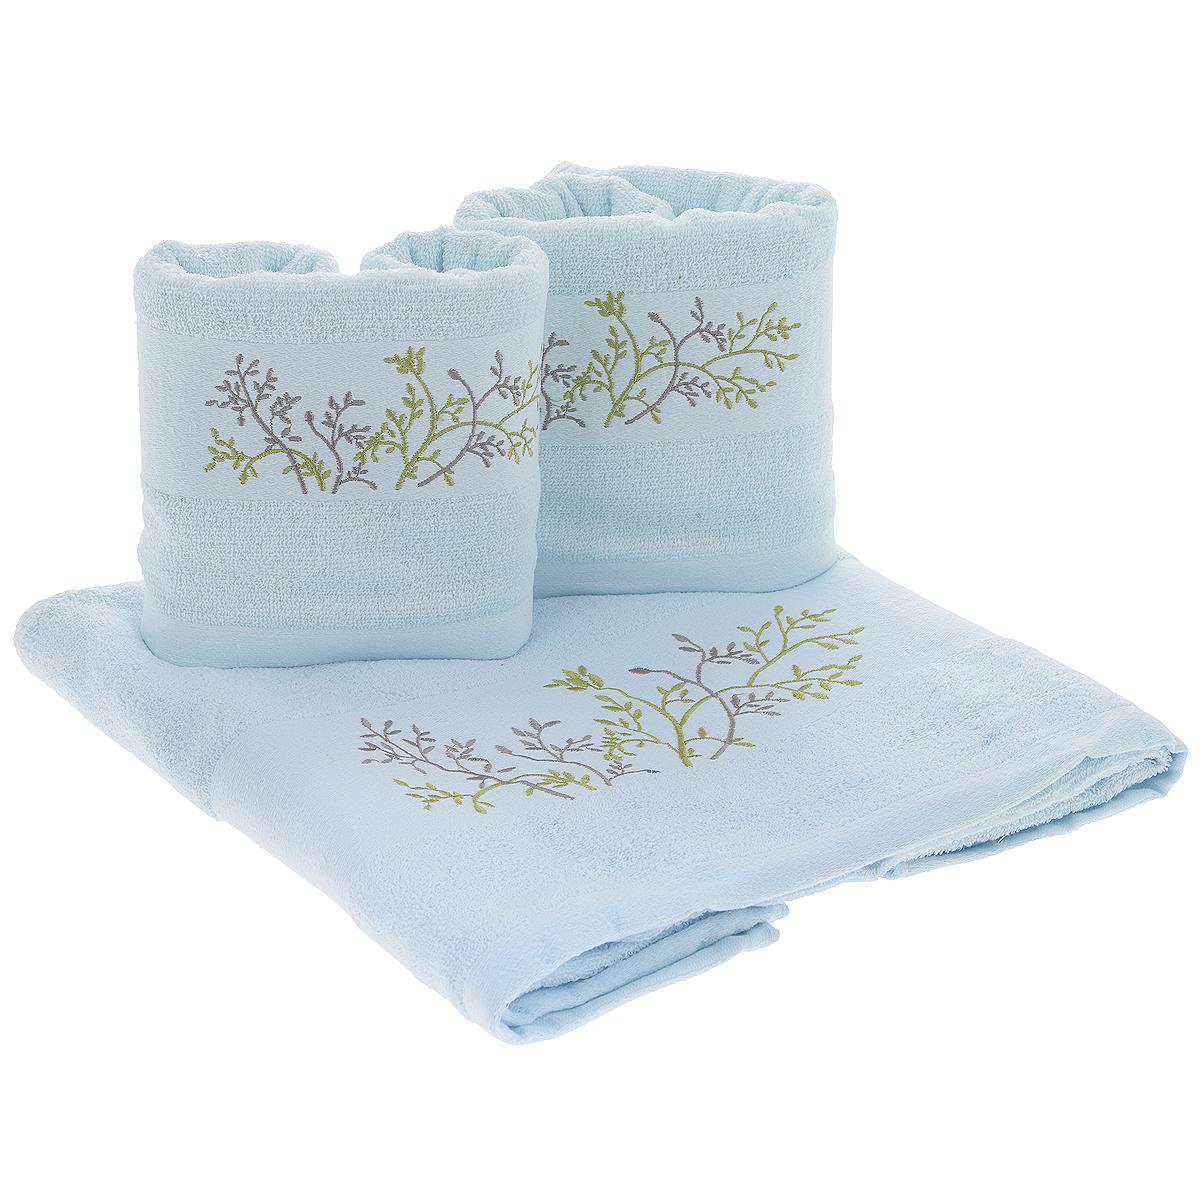 Набор махровых полотенец Растительный узор, цвет: голубой, 3 штBailixin9Набор Растительный узор состоит из трех полотенец разного размера, выполненных из натуральной махровой ткани. Полотенца украшены изящной вышивкой в виде веток с листьями. Мягкие и уютные, они прекрасно впитывают влагу и легко стираются. Такой набор подарит массу положительных эмоций и приятных ощущений. Рекомендации по уходу: - не следует стирать вместе с изделиями из полиэстра или другого синтетического материала, - стирать при температуре 40-50°С, - не рекомендуется отбеливать, - сушить в деликатном режиме.